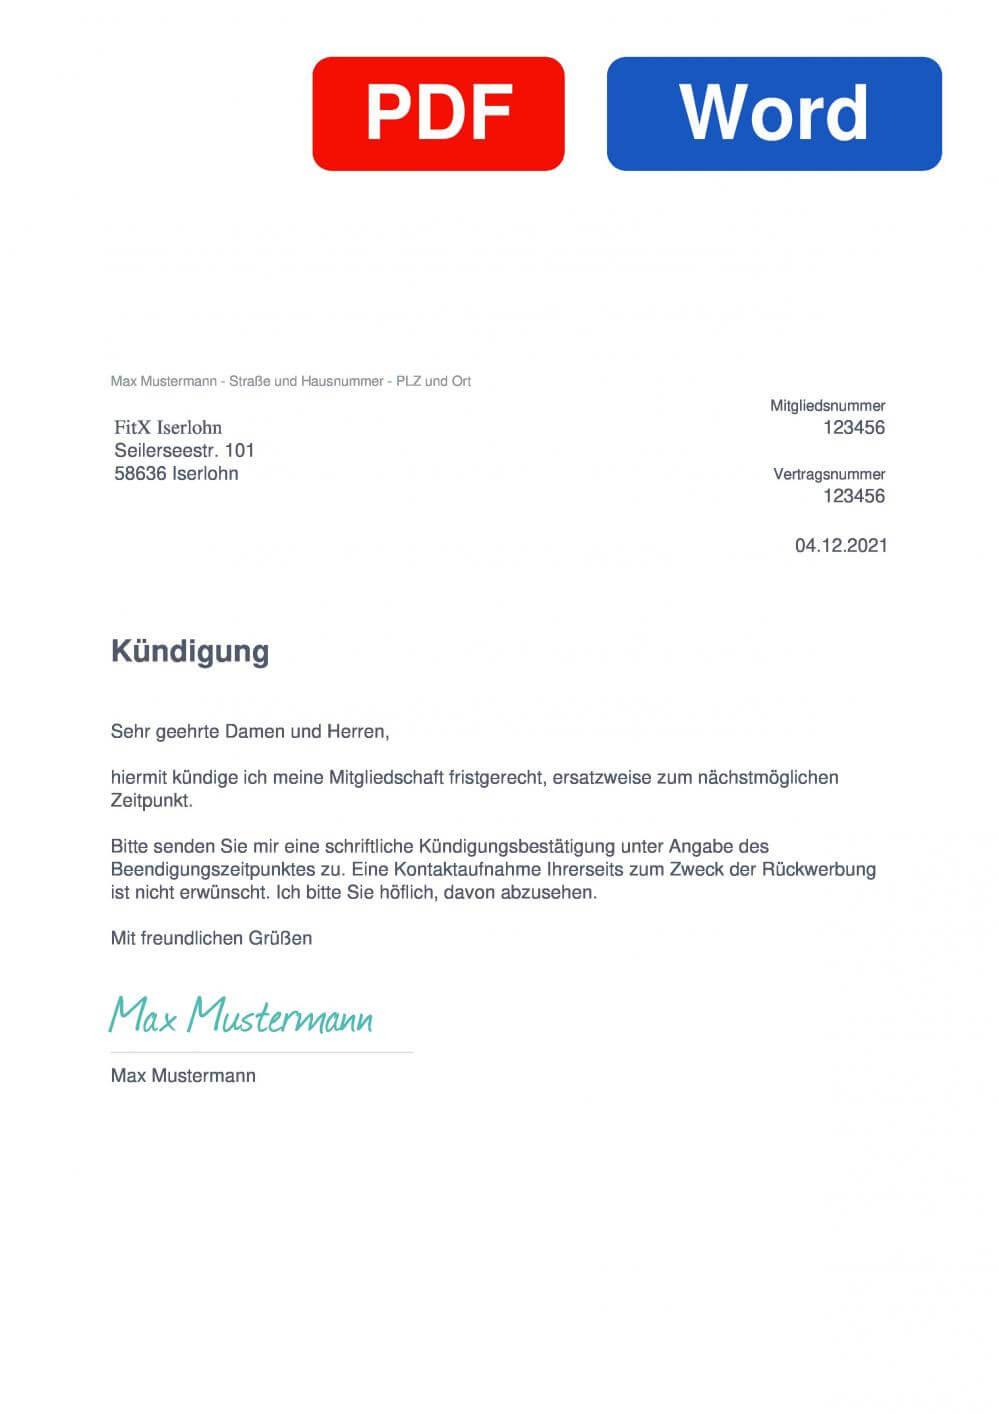 FitX Iserlohn Muster Vorlage für Kündigungsschreiben